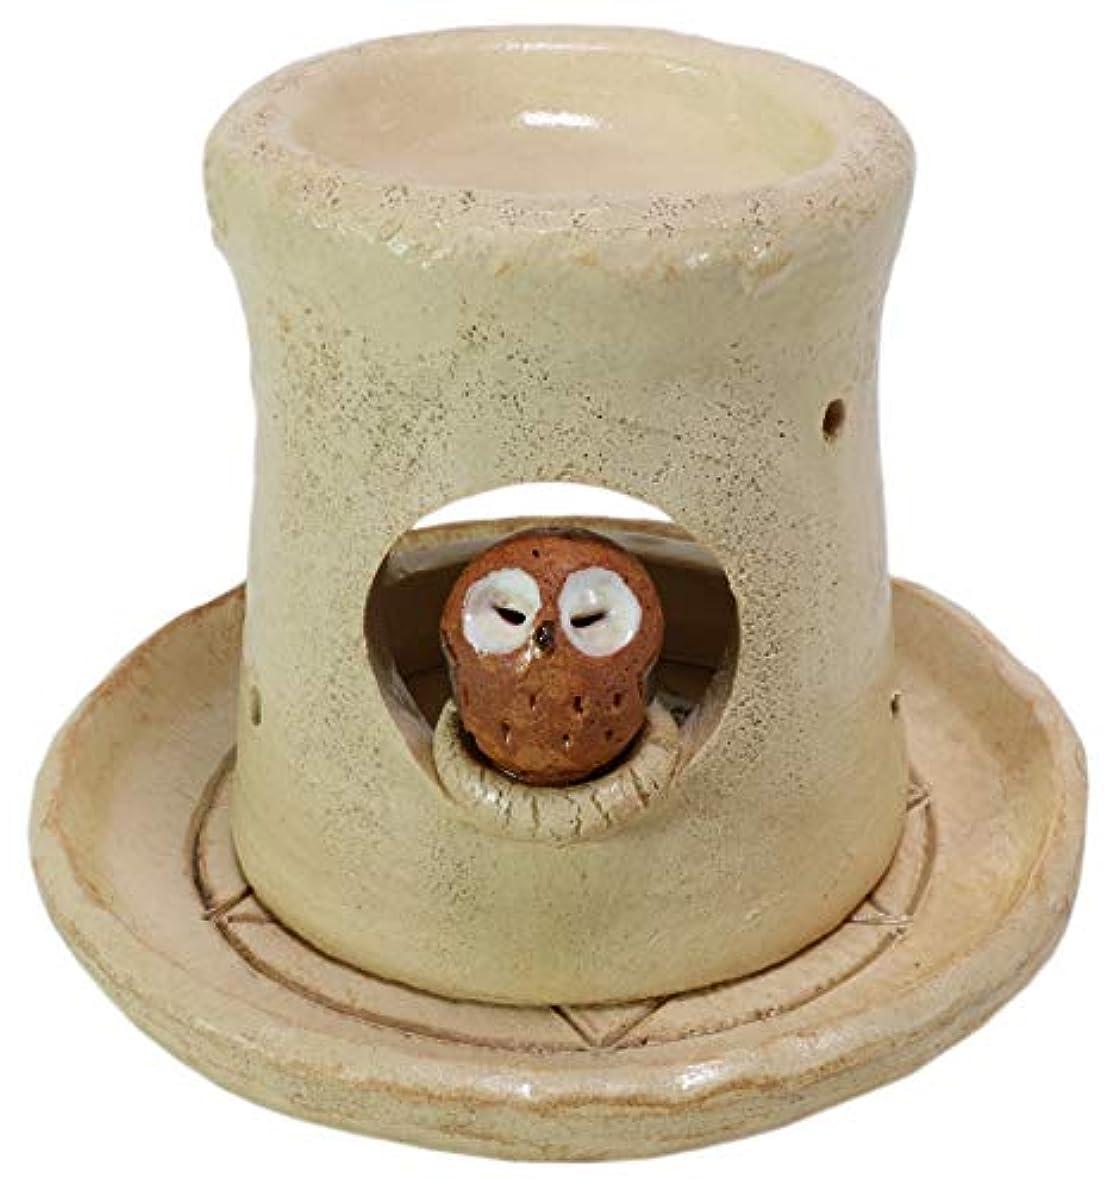 開業医無限大フレッシュ香炉 フクロウ 茶香炉 [H14cm] HANDMADE プレゼント ギフト 和食器 かわいい インテリア